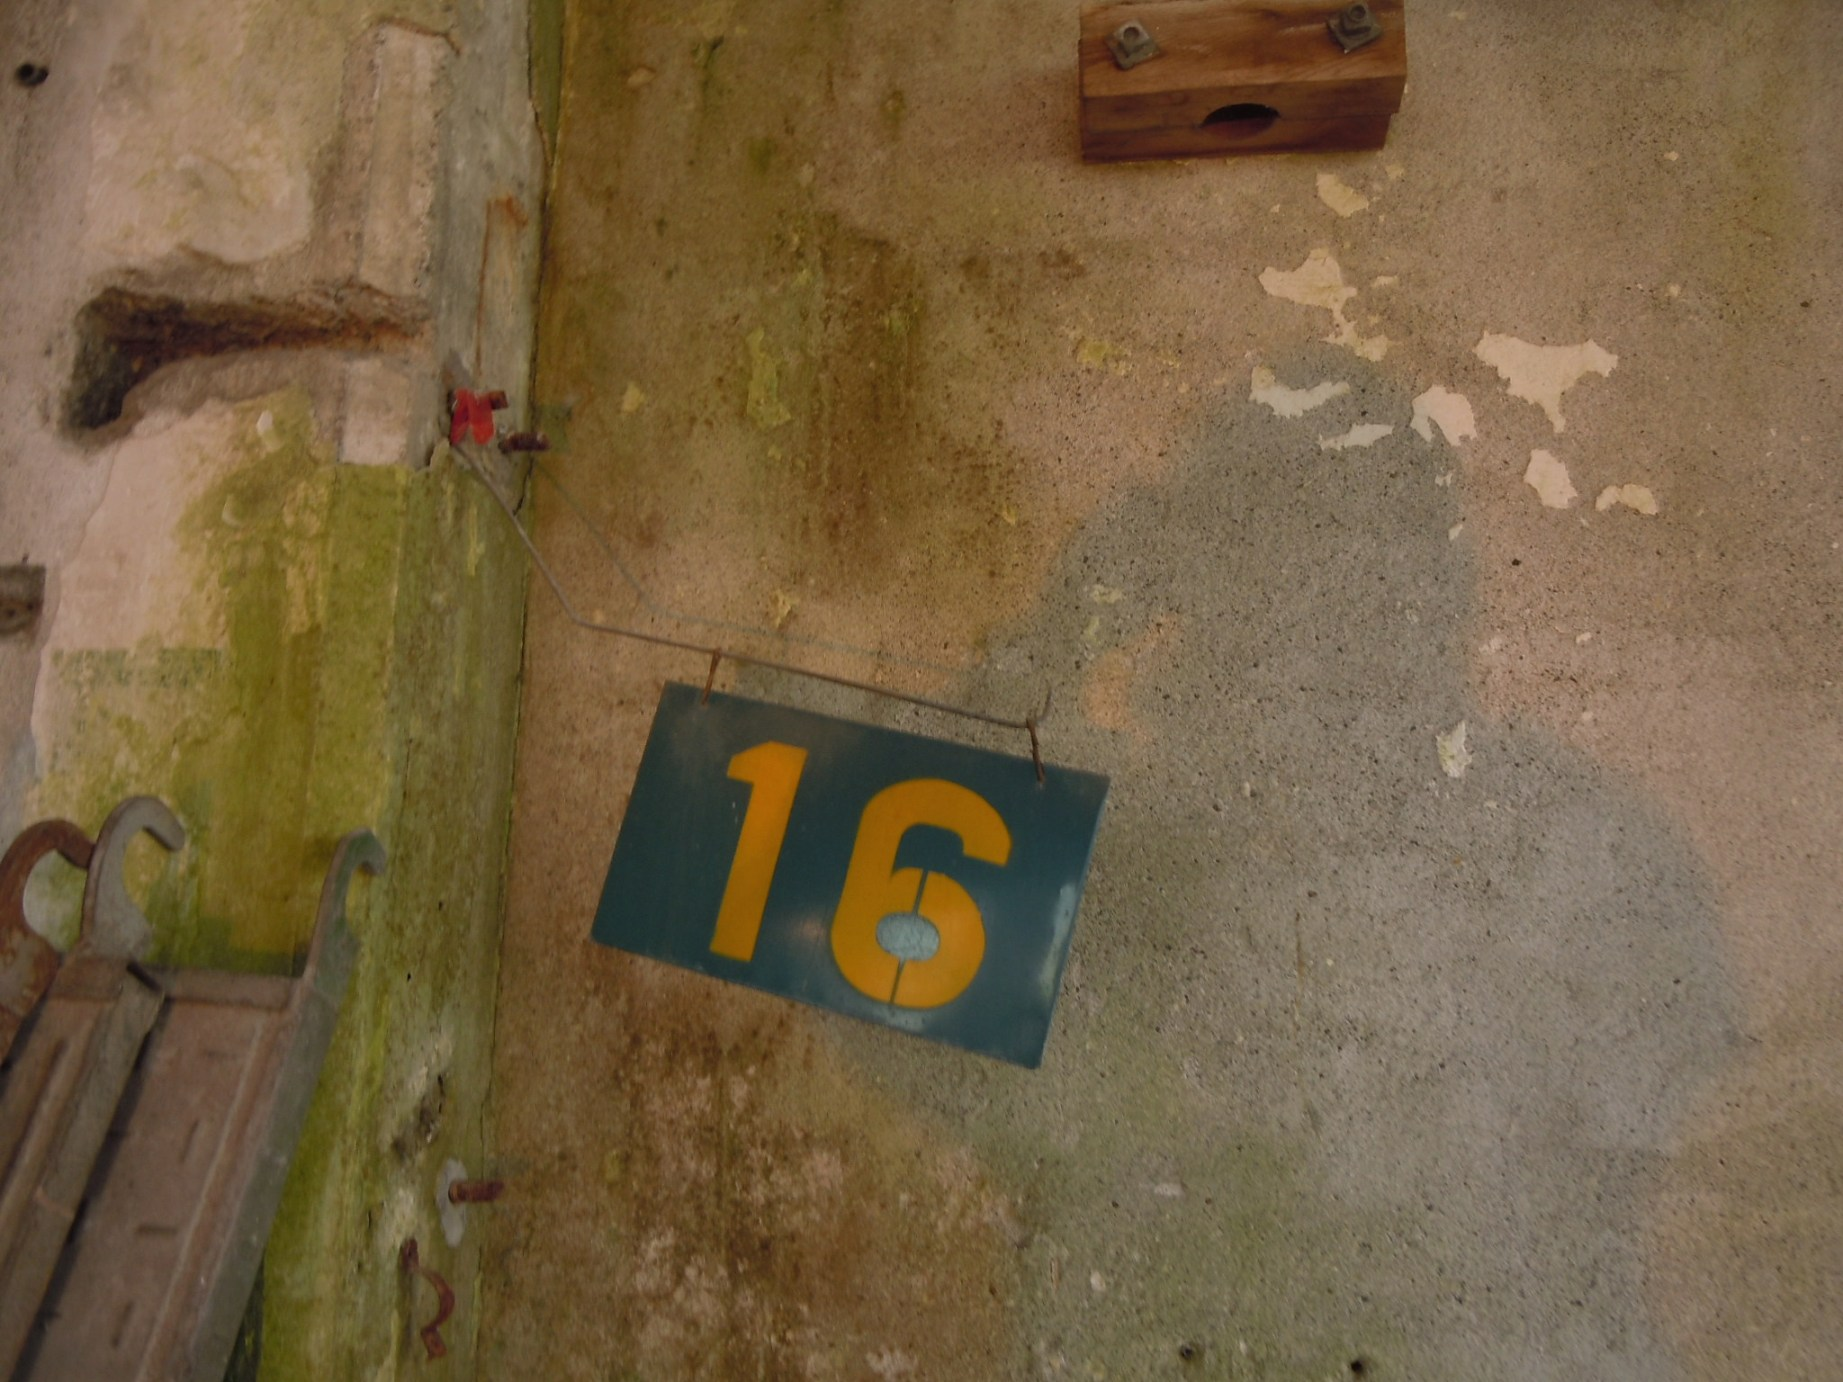 1600)夕張 ③「夕張清水沢アートプロジェクト 旧火力発電所2階の様子」 終了9月17日(土)~10月16日(日)_f0126829_10272129.jpg